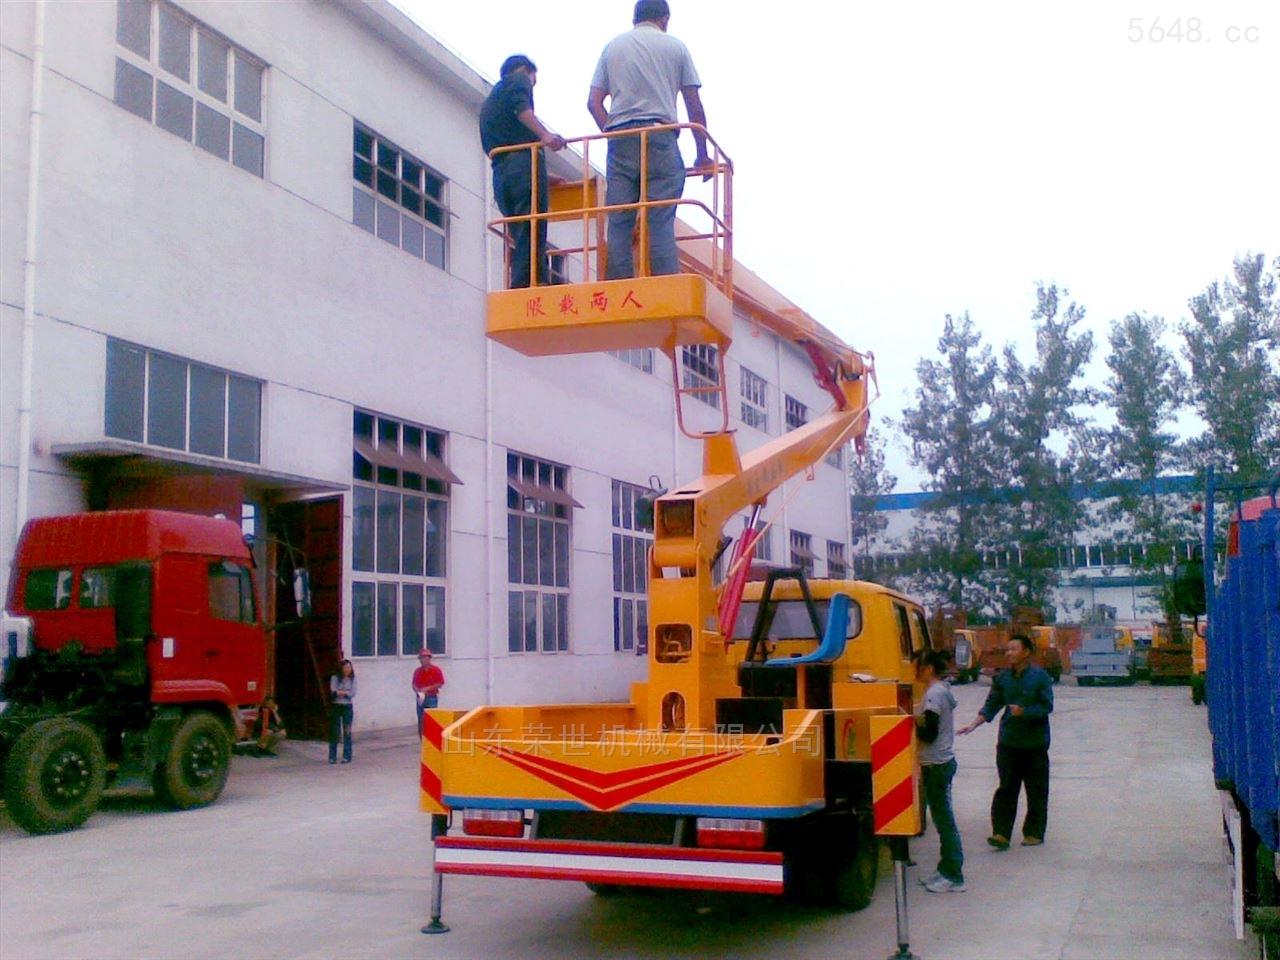 曲臂式升降平台济南厂家供应